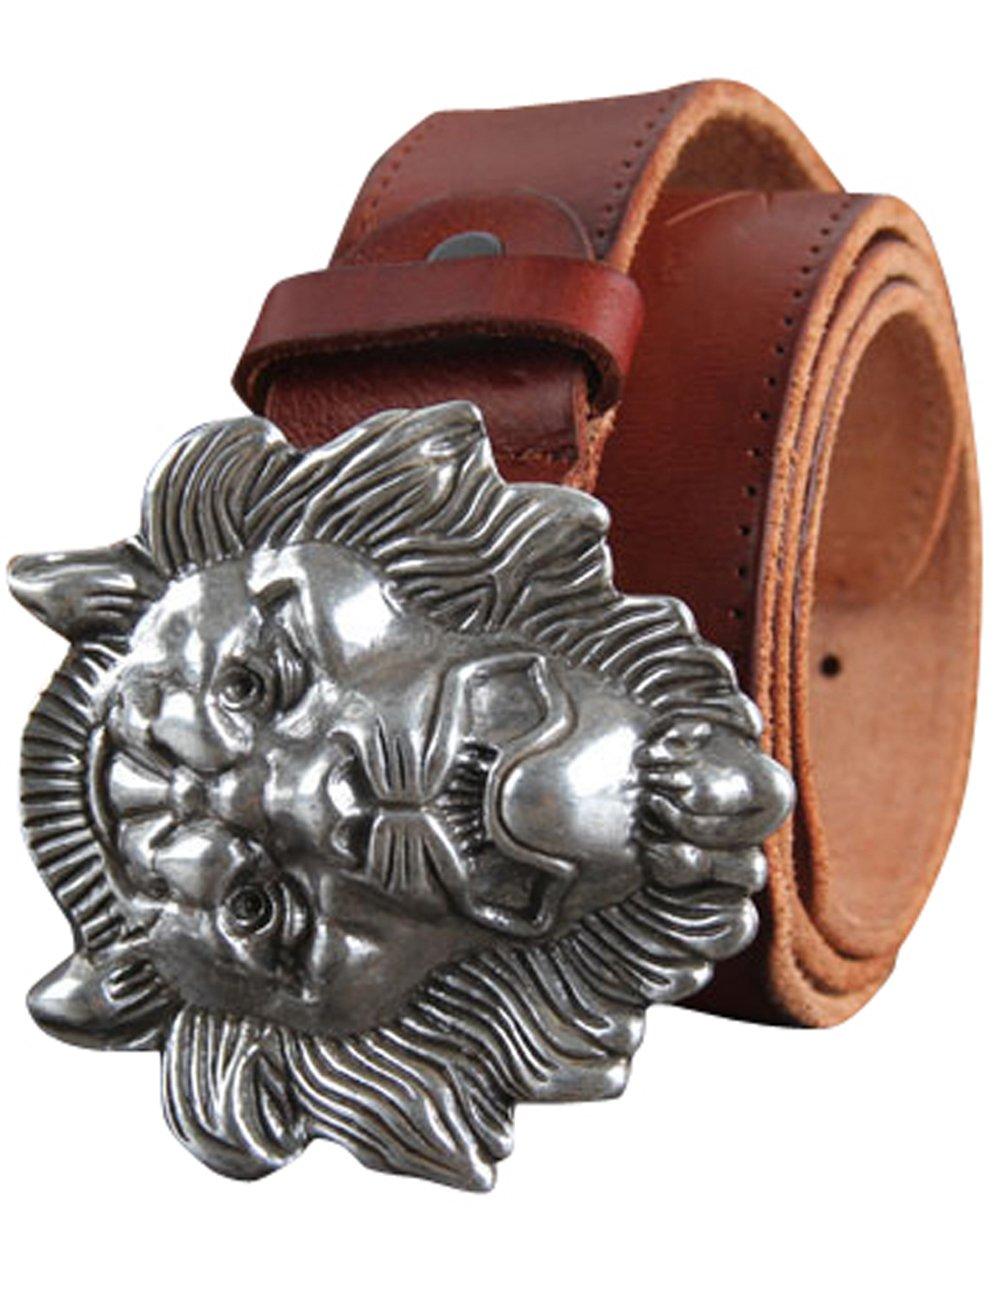 Menschwear Men's Belt Grain Leather Adjustable Belt with Copper Slide Buckle 36MM Red 120MM